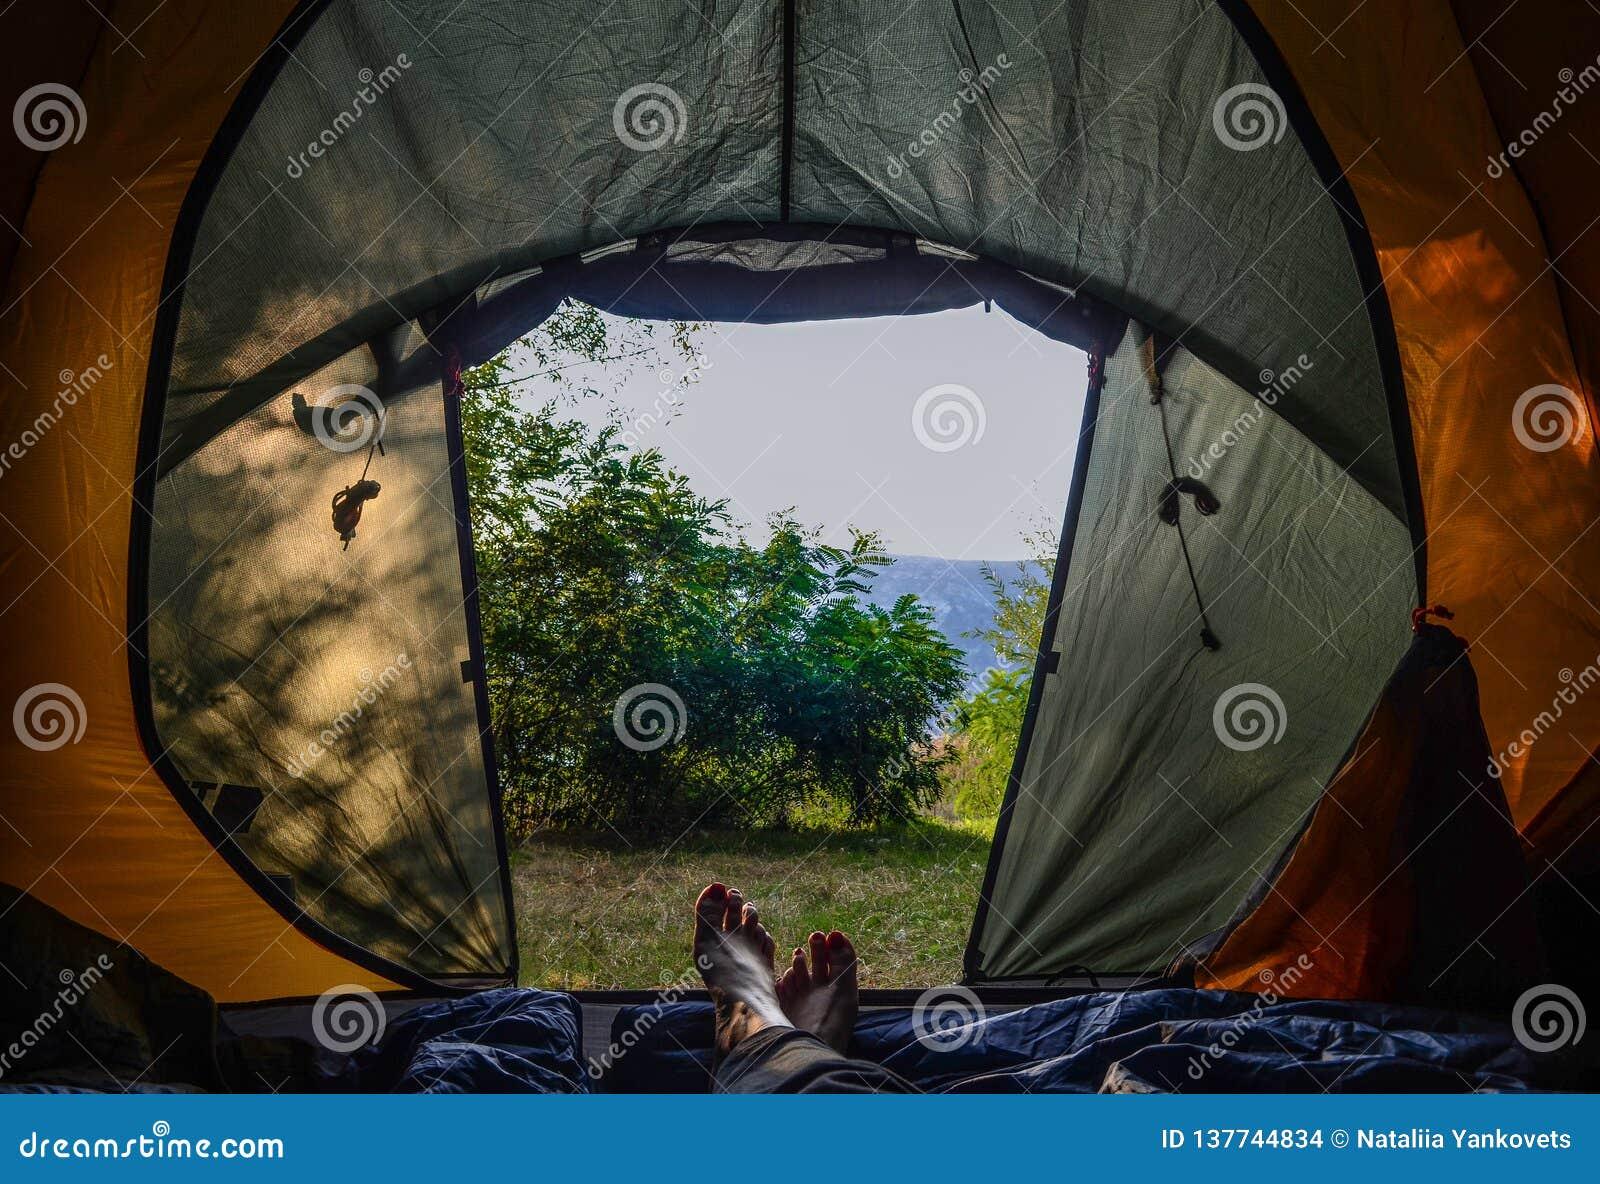 Camping Ochtend in de tent Vrouwelijke benen in een groene tent